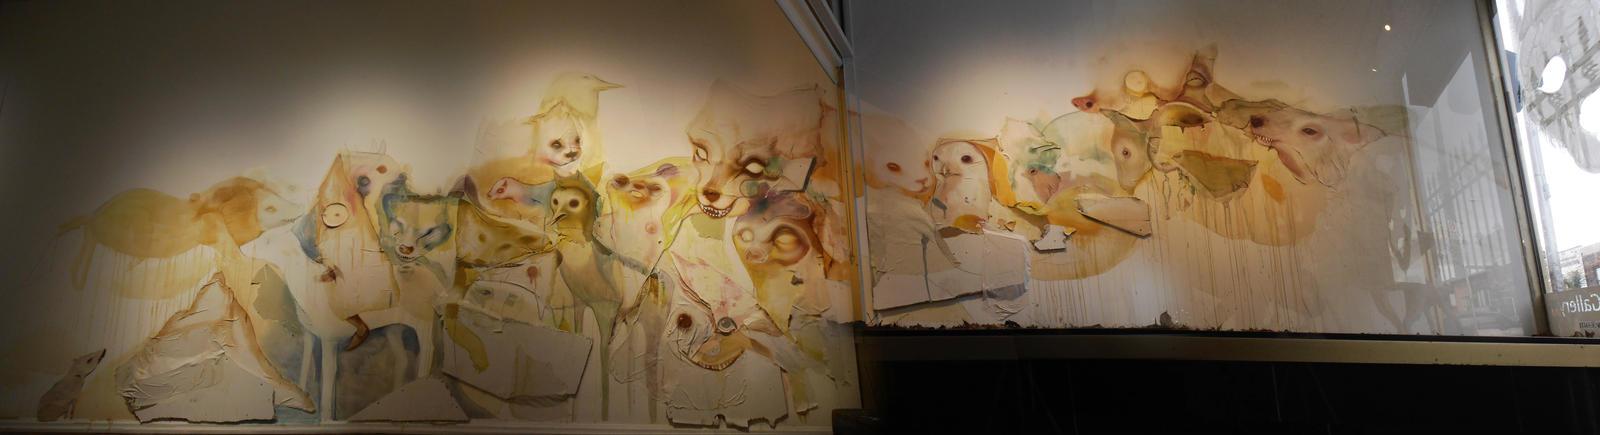 full mural by StefanThompson